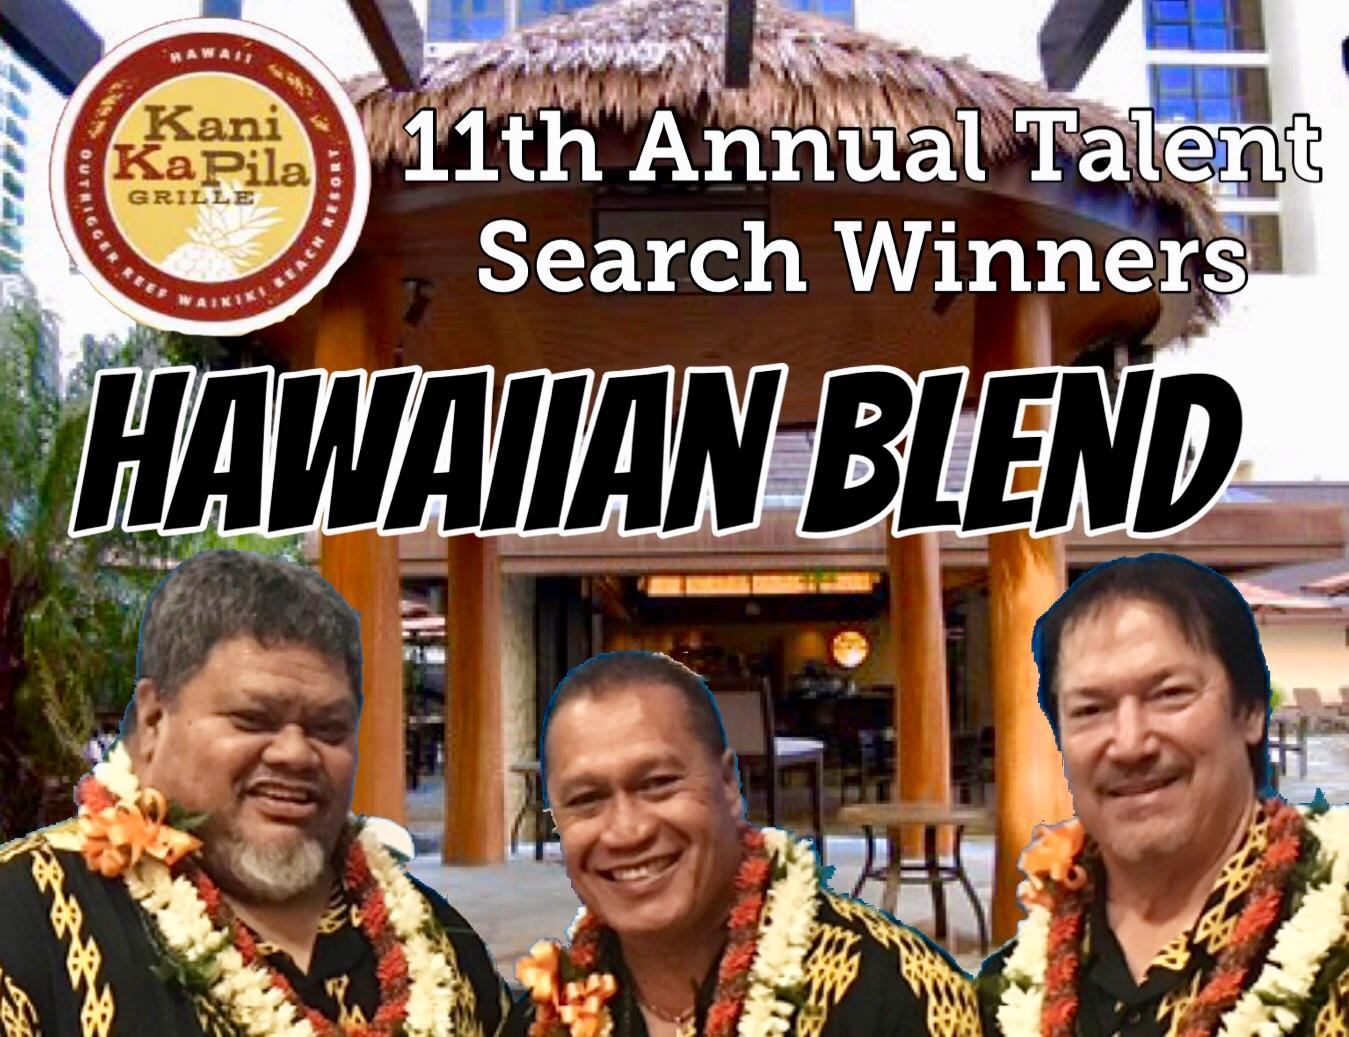 hawaiian blend.jpg